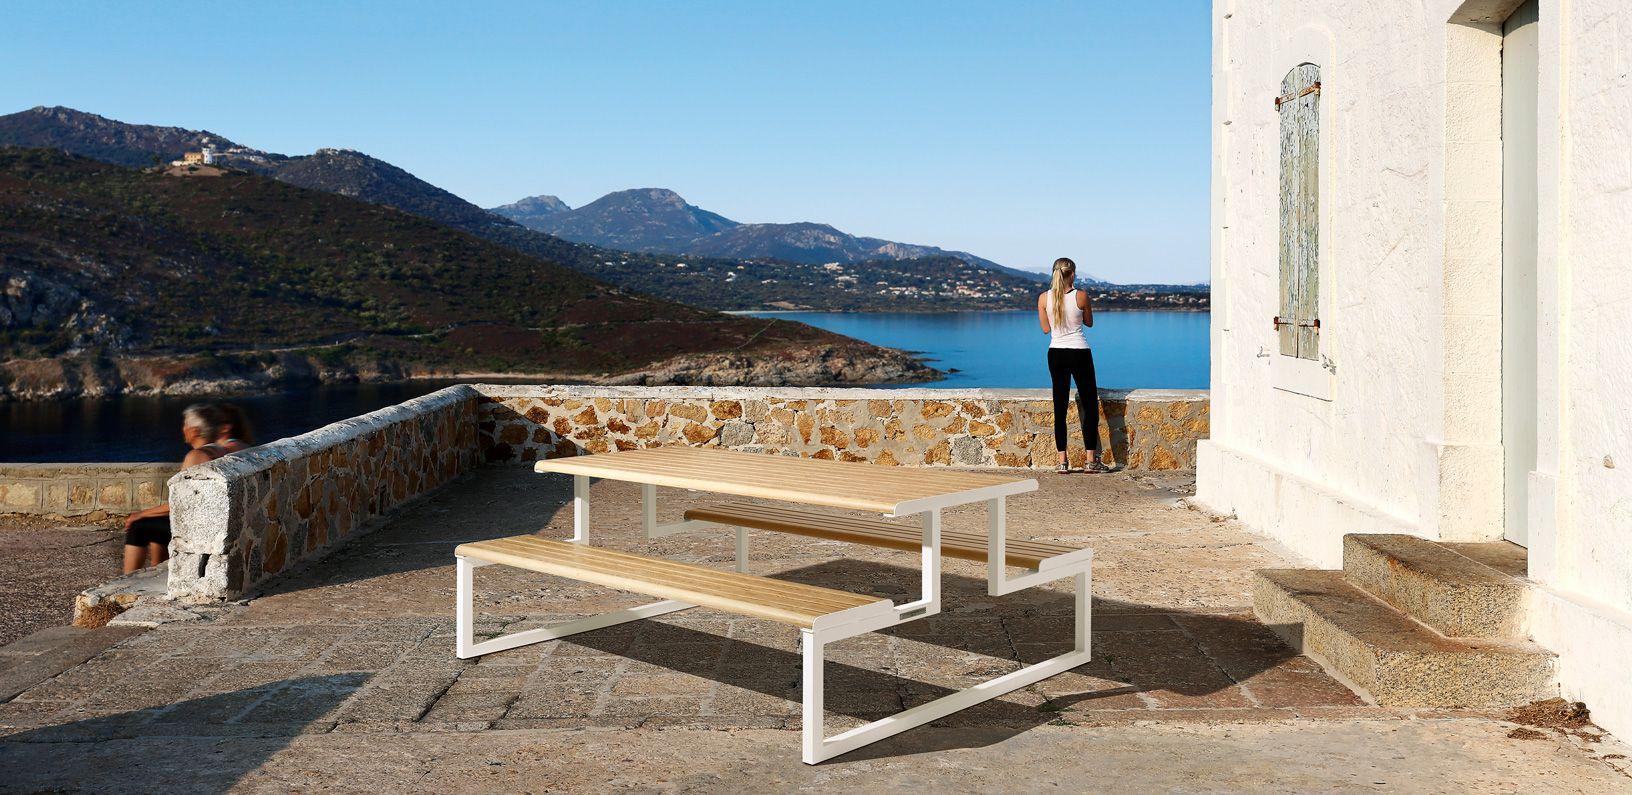 Tahoe outdoor picnic table in 2020 | Outdoor, Outdoor ...